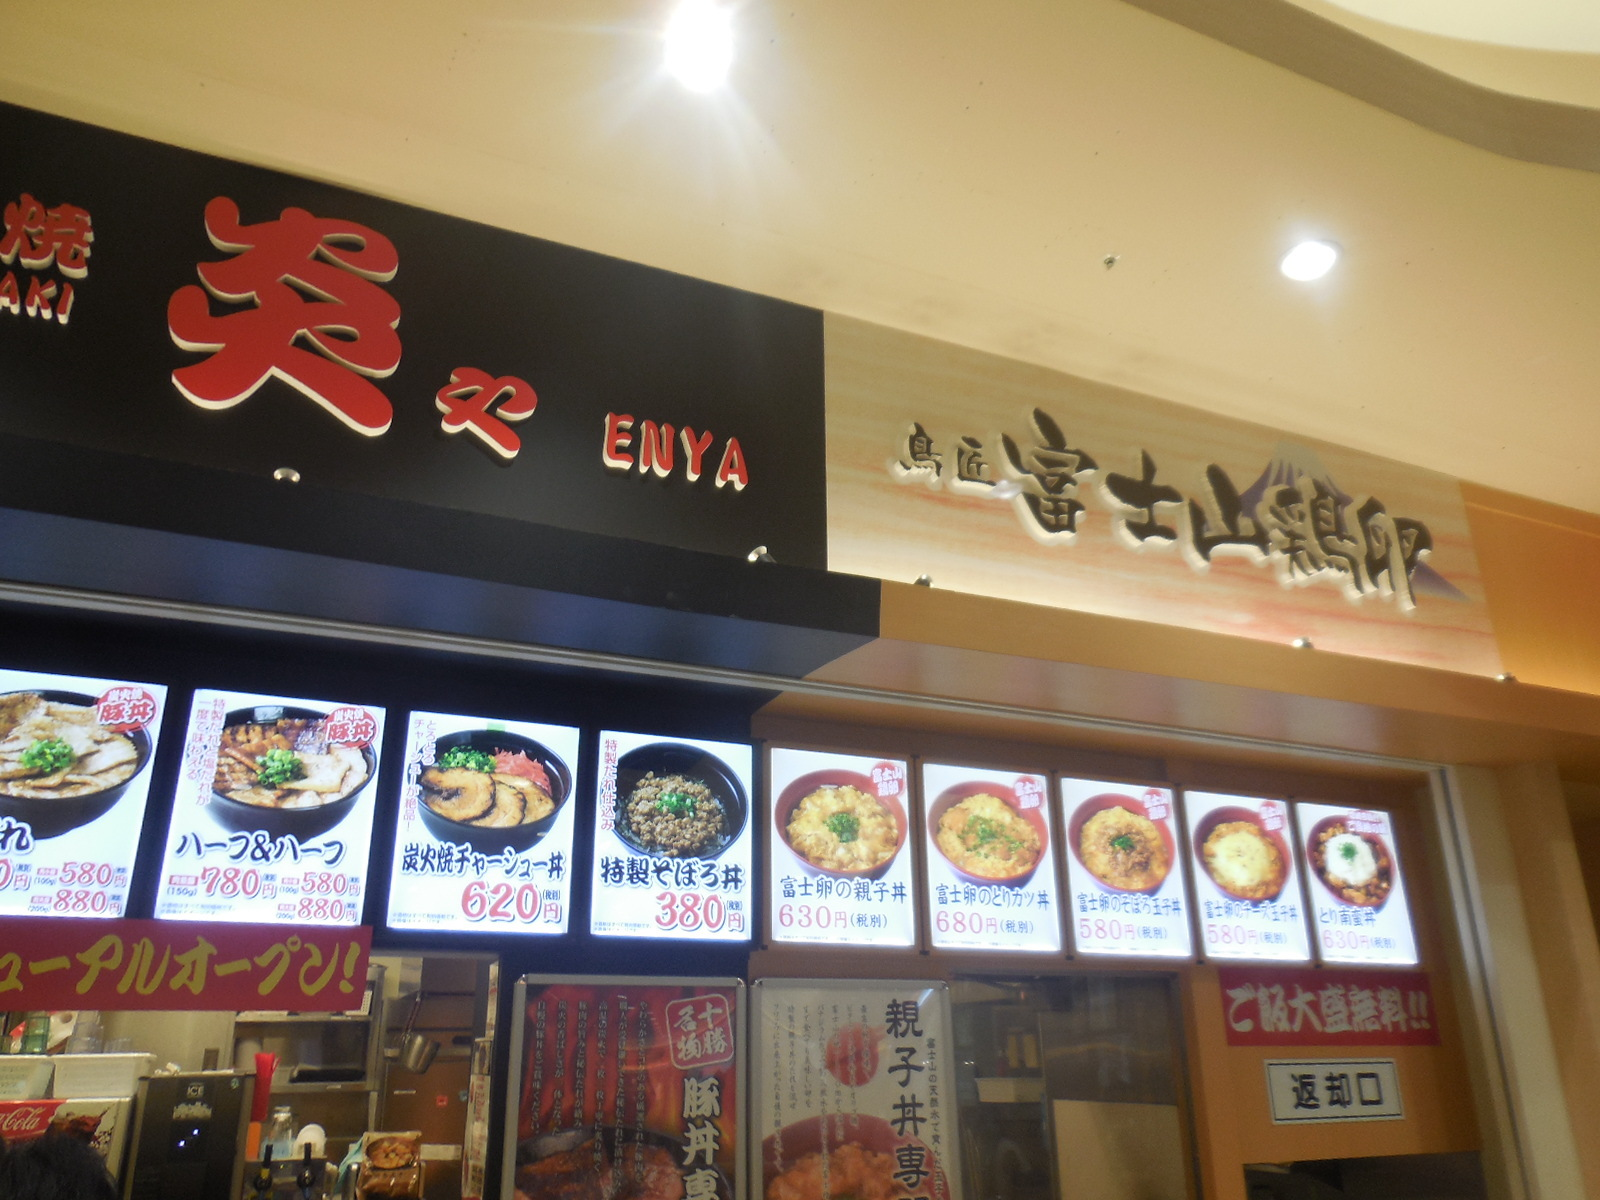 炎や・富士山鶏卵 イオン八千代緑が丘店